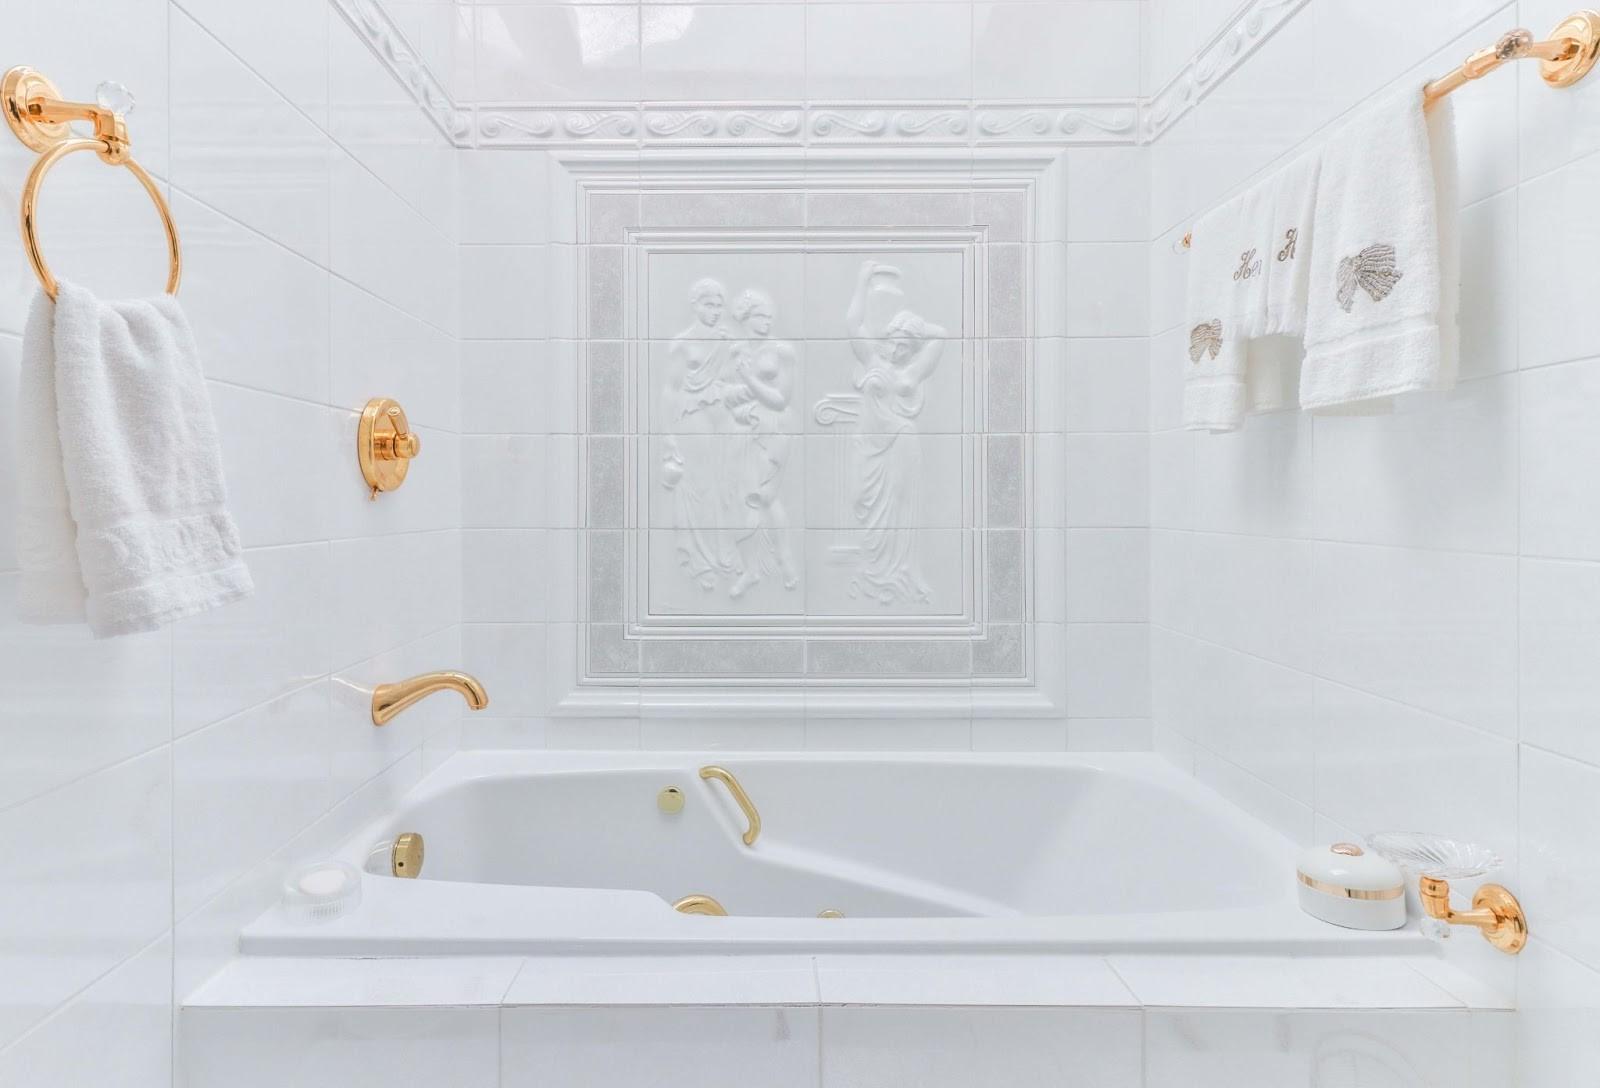 Бюджетный ремонт ванной комнаты: инструкция